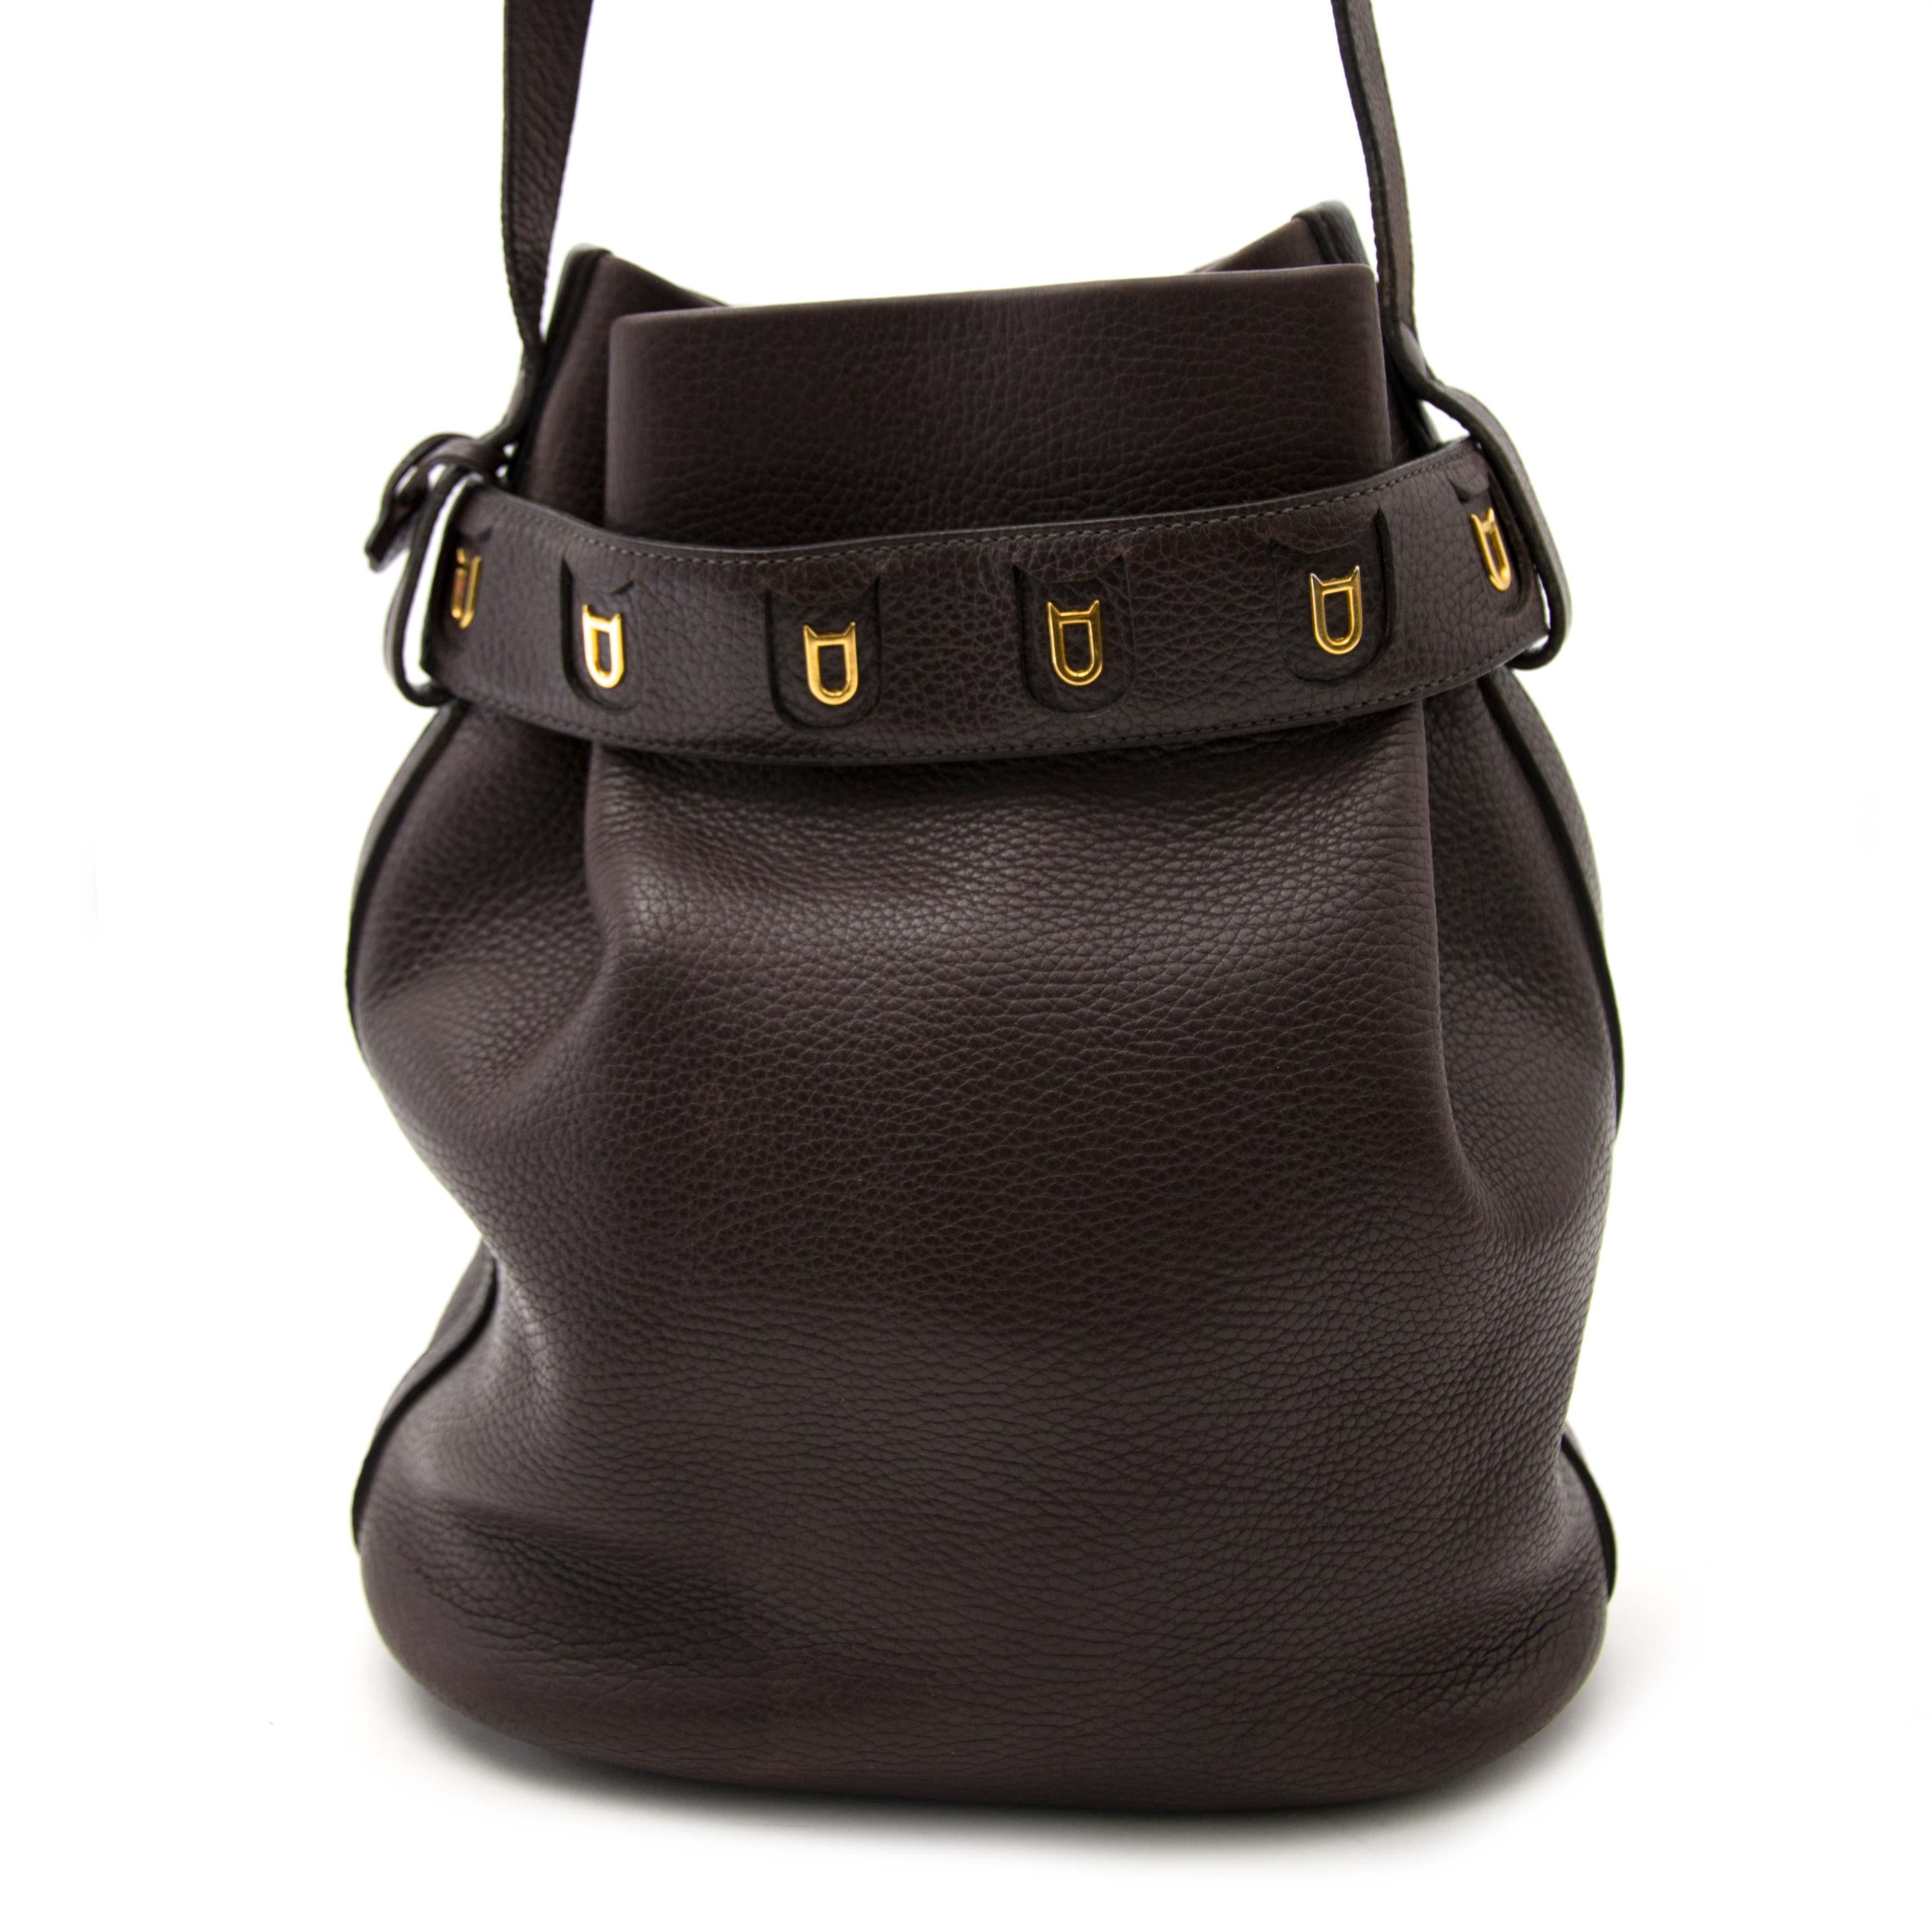 koop online aan de beste prijs jou tweedehands Delvaux Dark Brown Bucket Bag